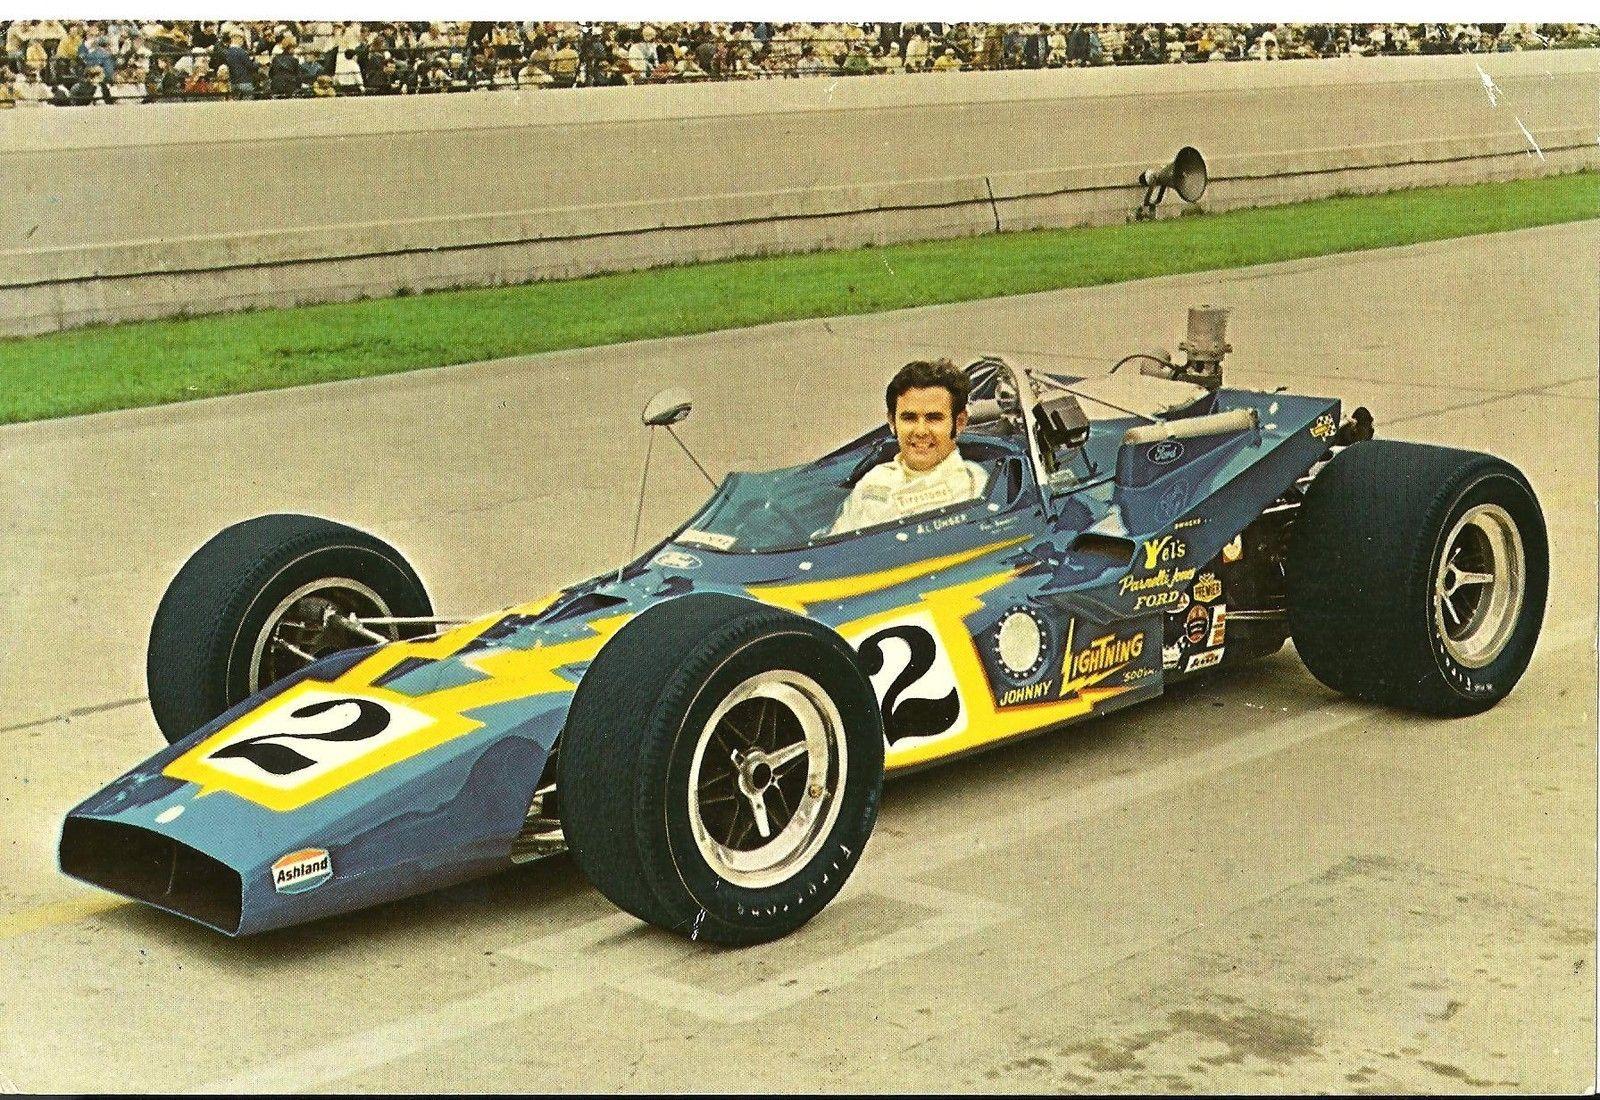 Al Unser i sin Johnny Lightning Special, før seieren i Indy 500 i 1970. Foto: Indianapolis Motor Speedway